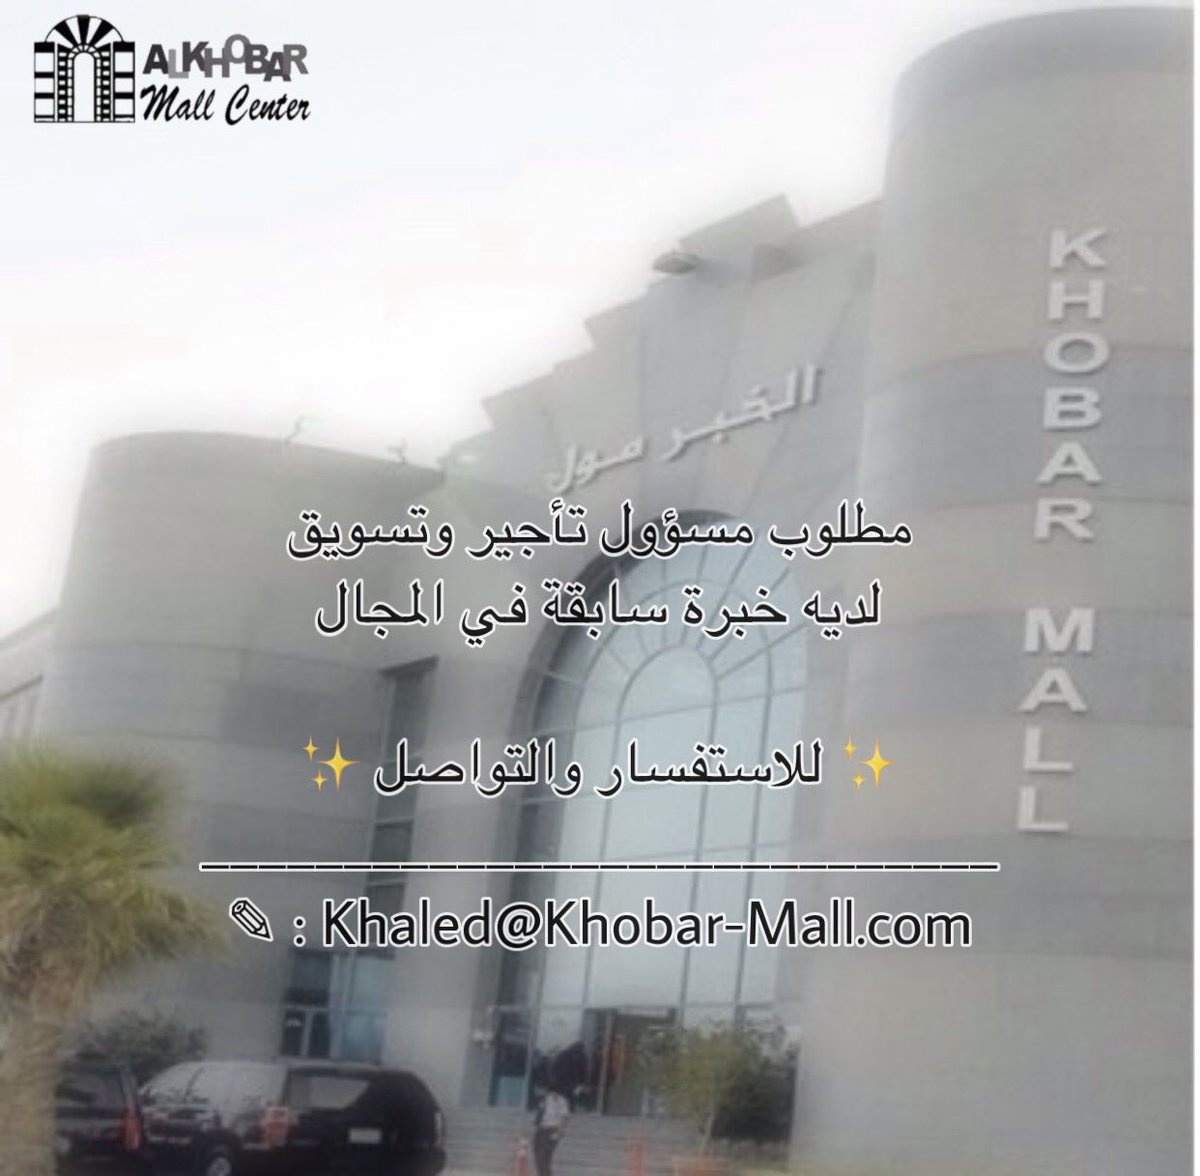 مطلوب  ( مسؤول تأجير و تسويق ) بمجمع الخبر مول بمدينة الخبر  #شاغر_وظيفي ✨ . . للاستفسار التواصل على: . khaled@khobar-mall.com .  #وظائف_شاغرة #وظائف_الشرقية #وظائف  @ALKHOBARMALL